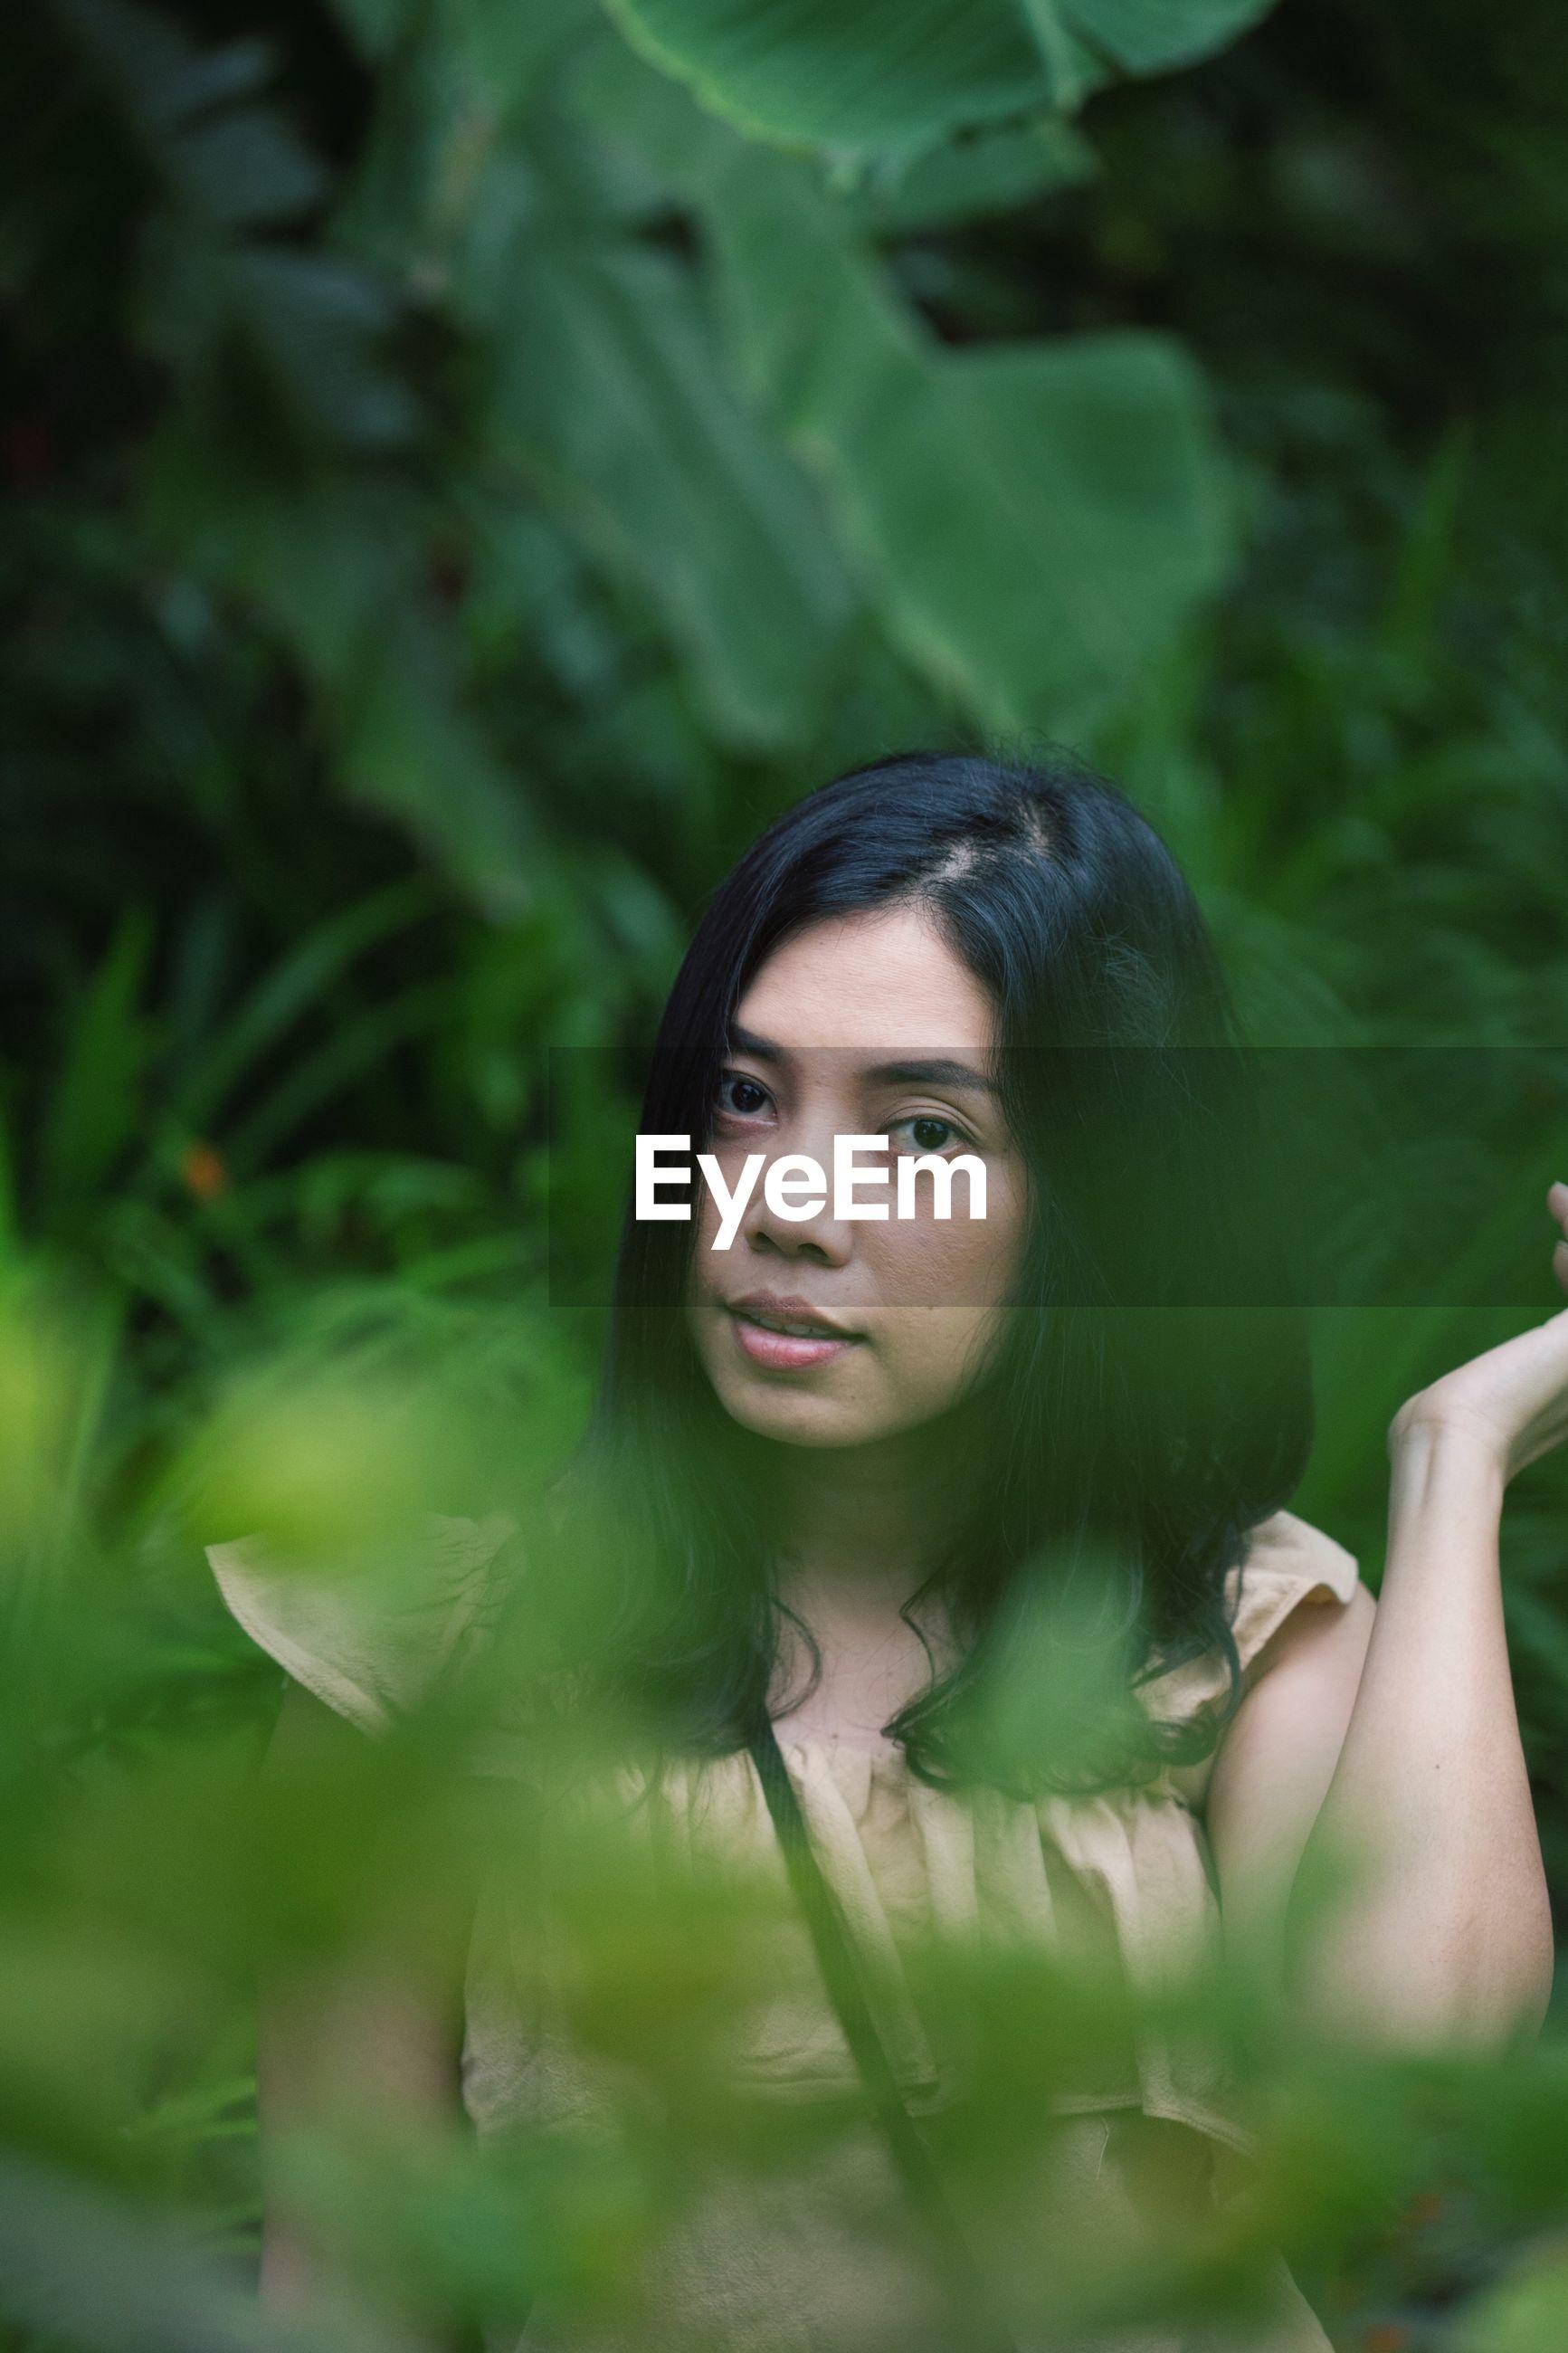 Portrait of woman amidst plants